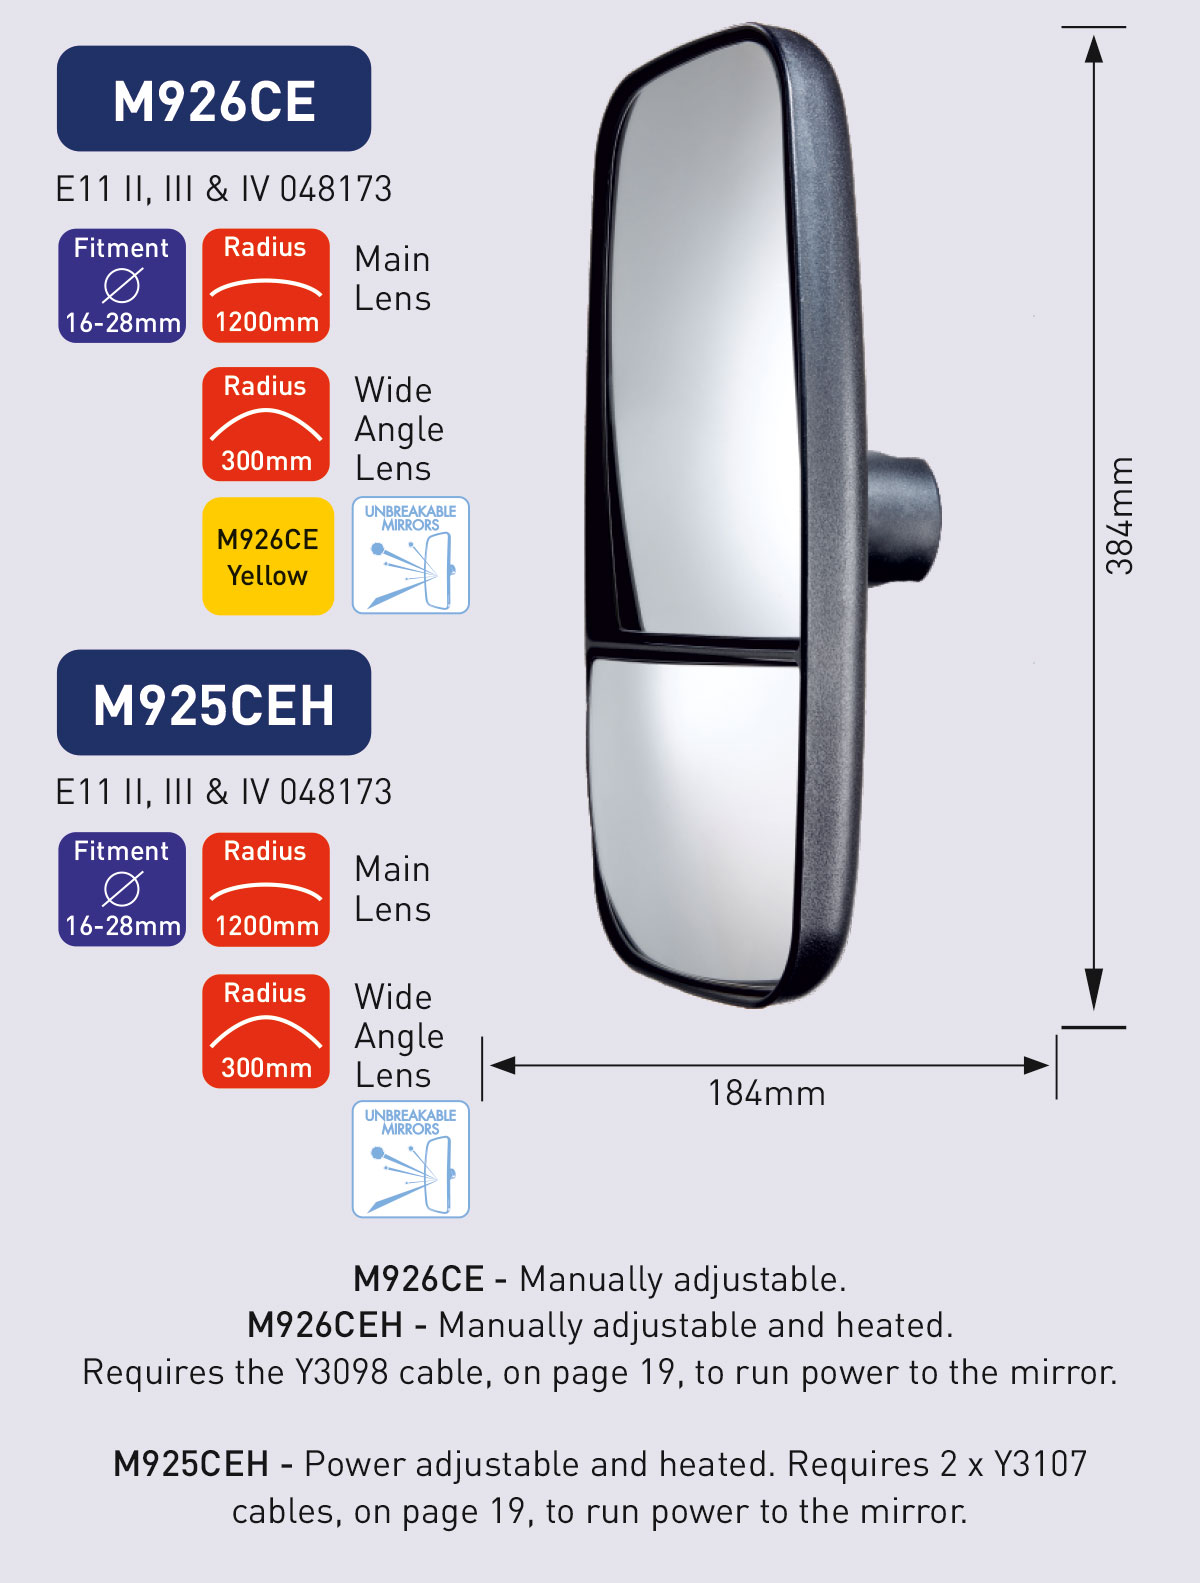 M926CE M925CEH powered mirror